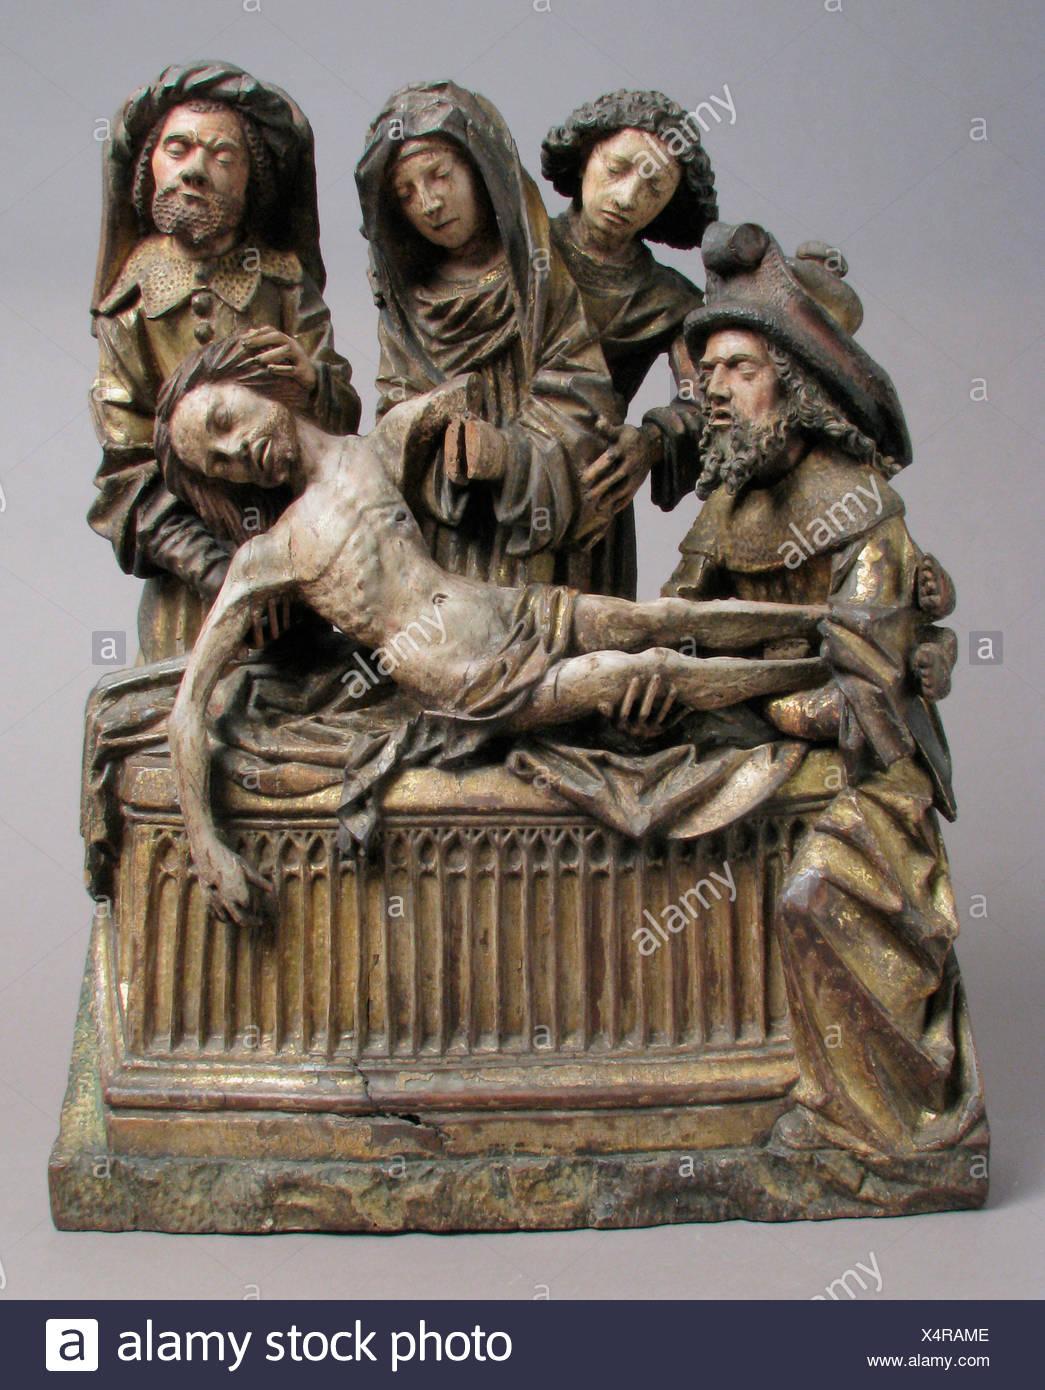 La mise au tombeau du Christ avec la Vierge Marie, Saint John, Nicodème et Joseph d'Arimathie. Date: 1500-1510; Culture: l'allemand ou du Sud Photo Stock